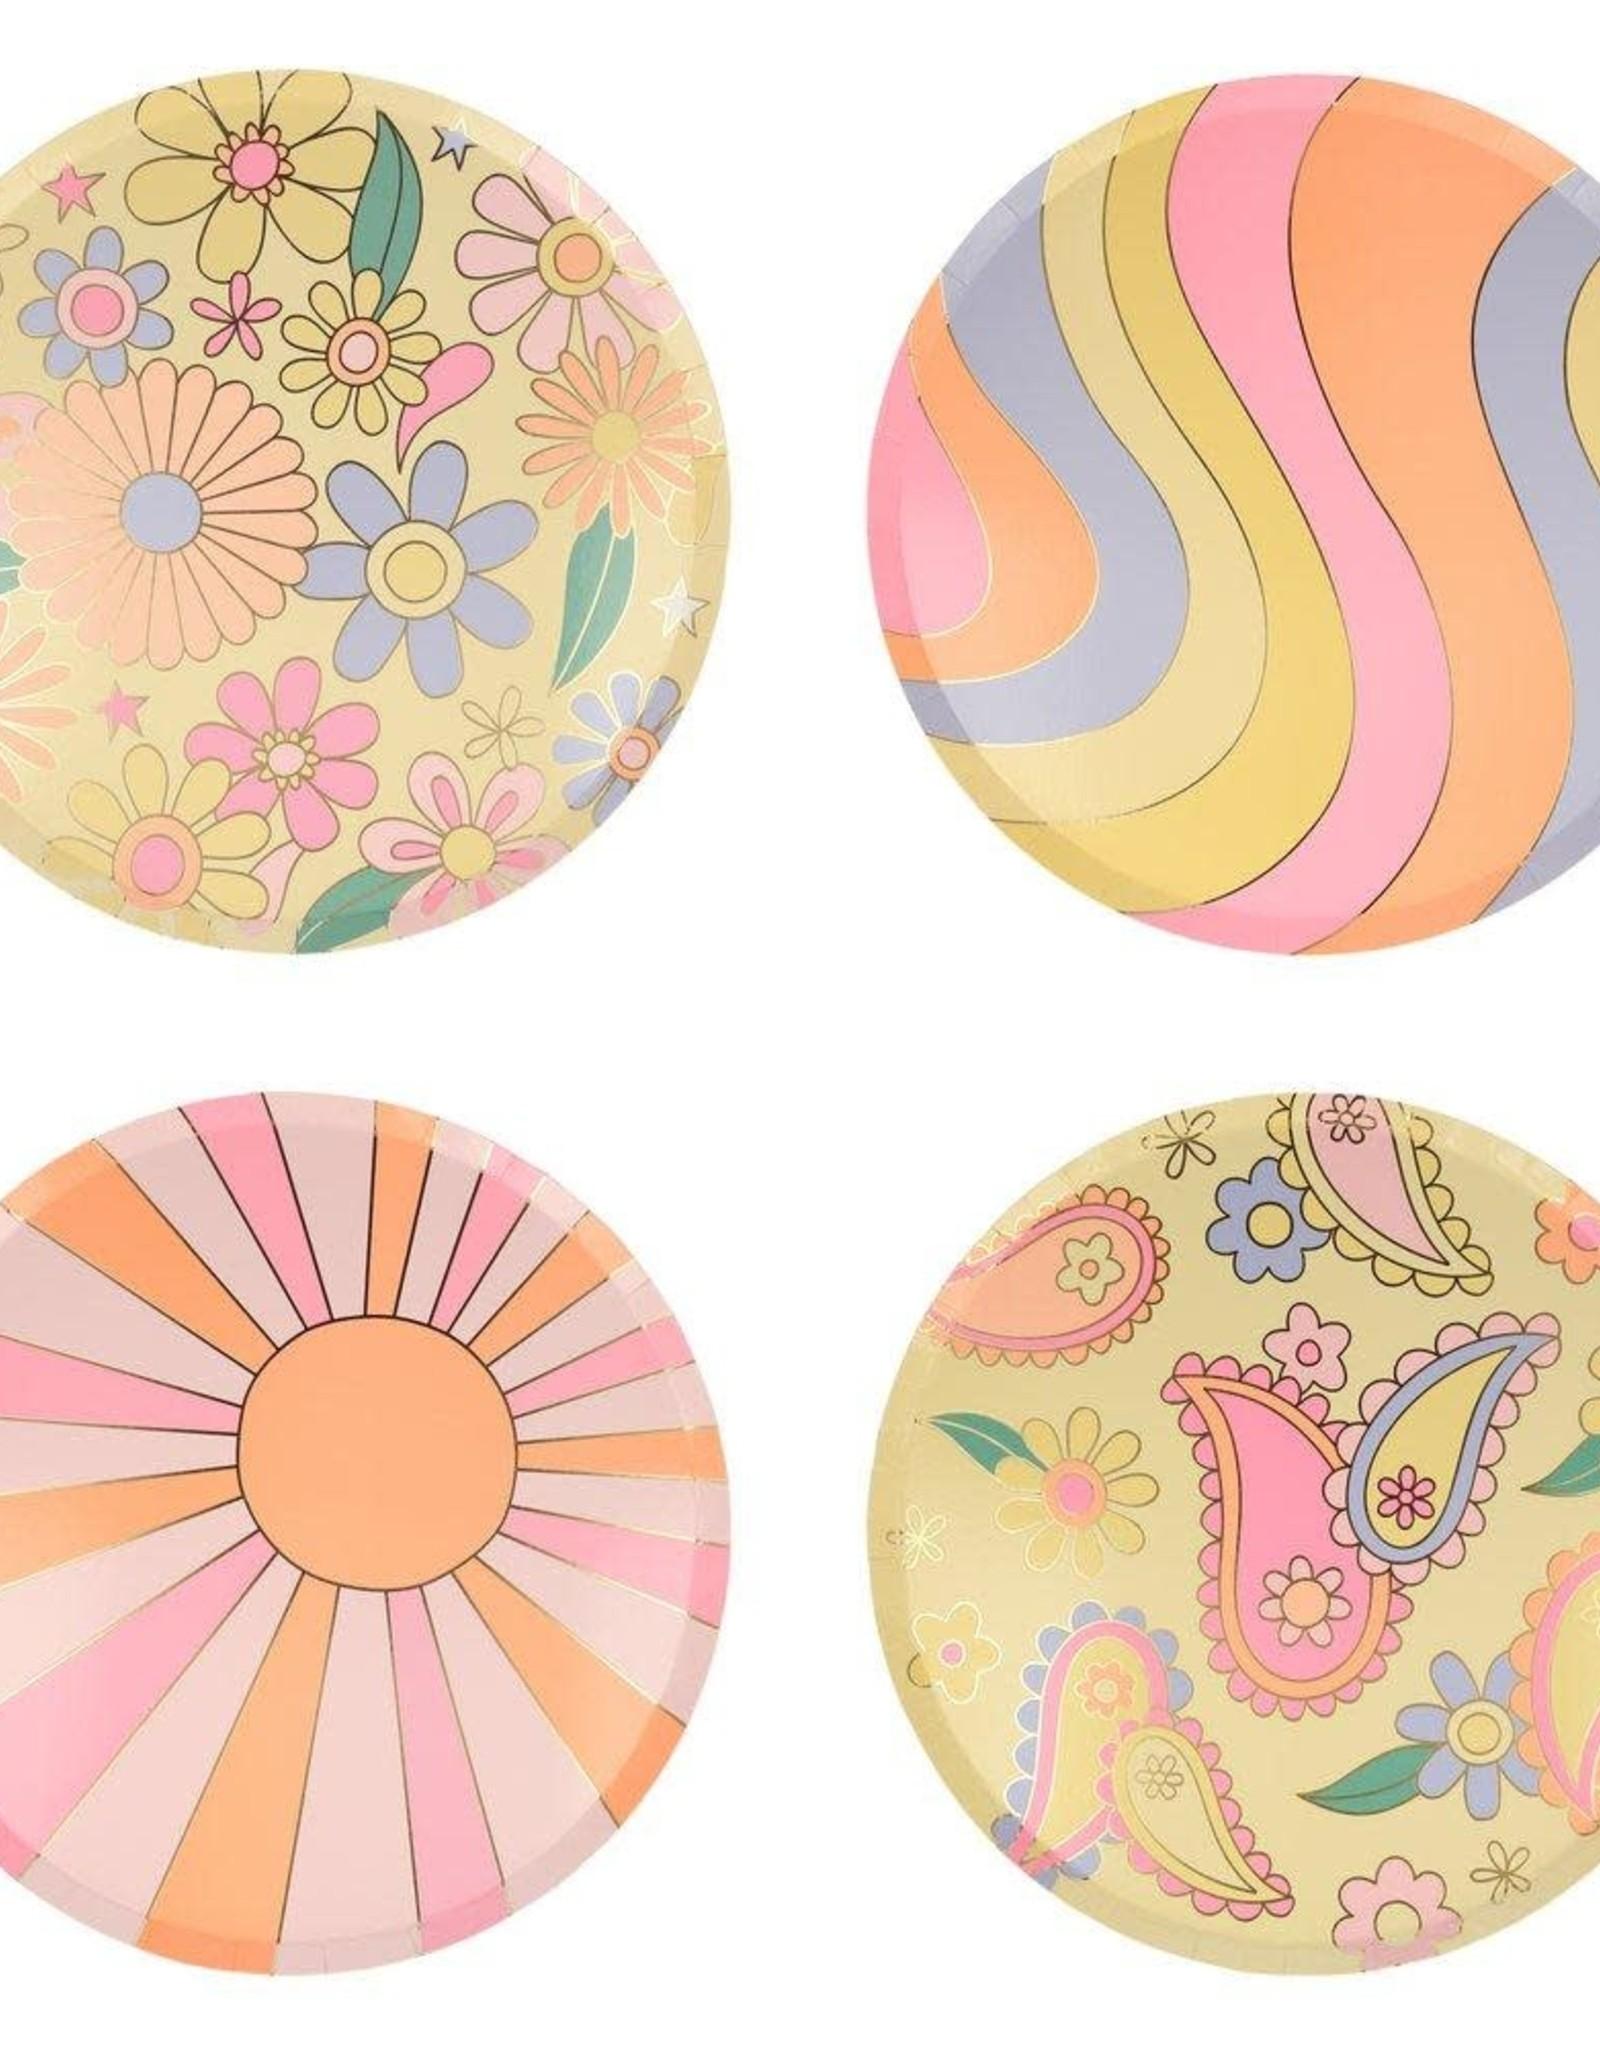 Meri Meri psychedelic 60s plates